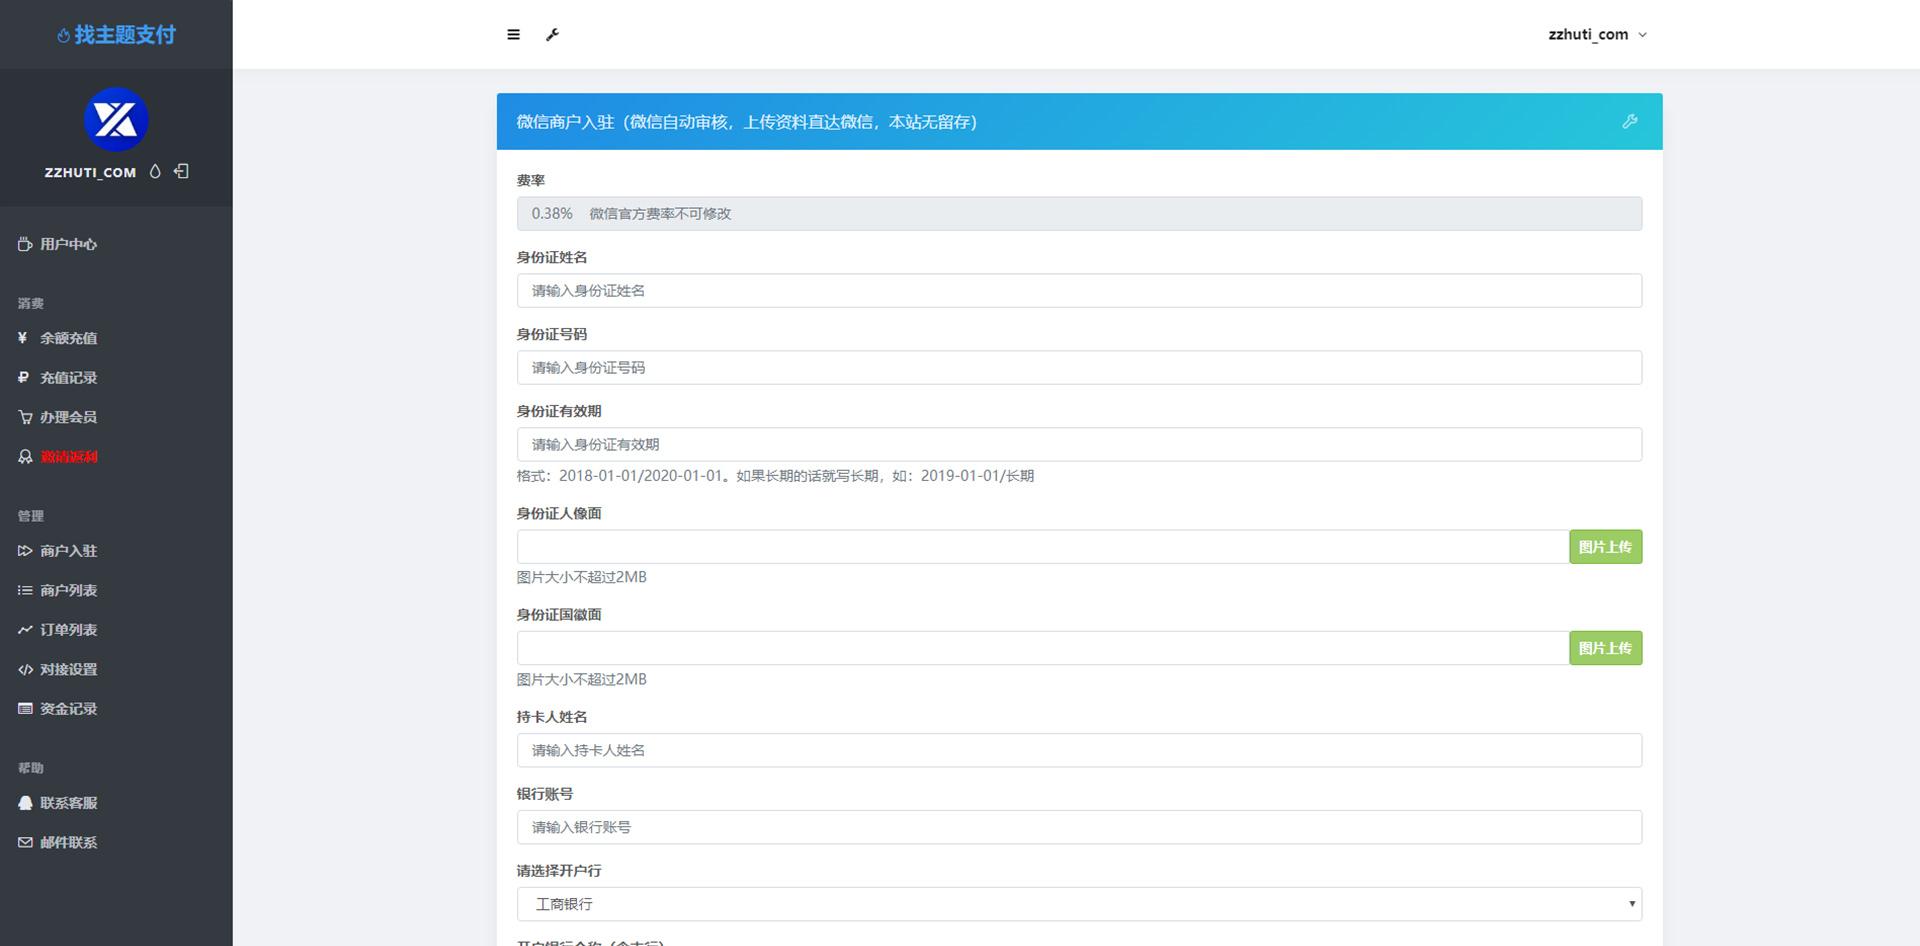 【小微商户】微信小微商户支付系统 小微支付平台 支持1个帐号多个商户 微信服务商专用支付系统源码[亲测附安装说明]-找主题源码